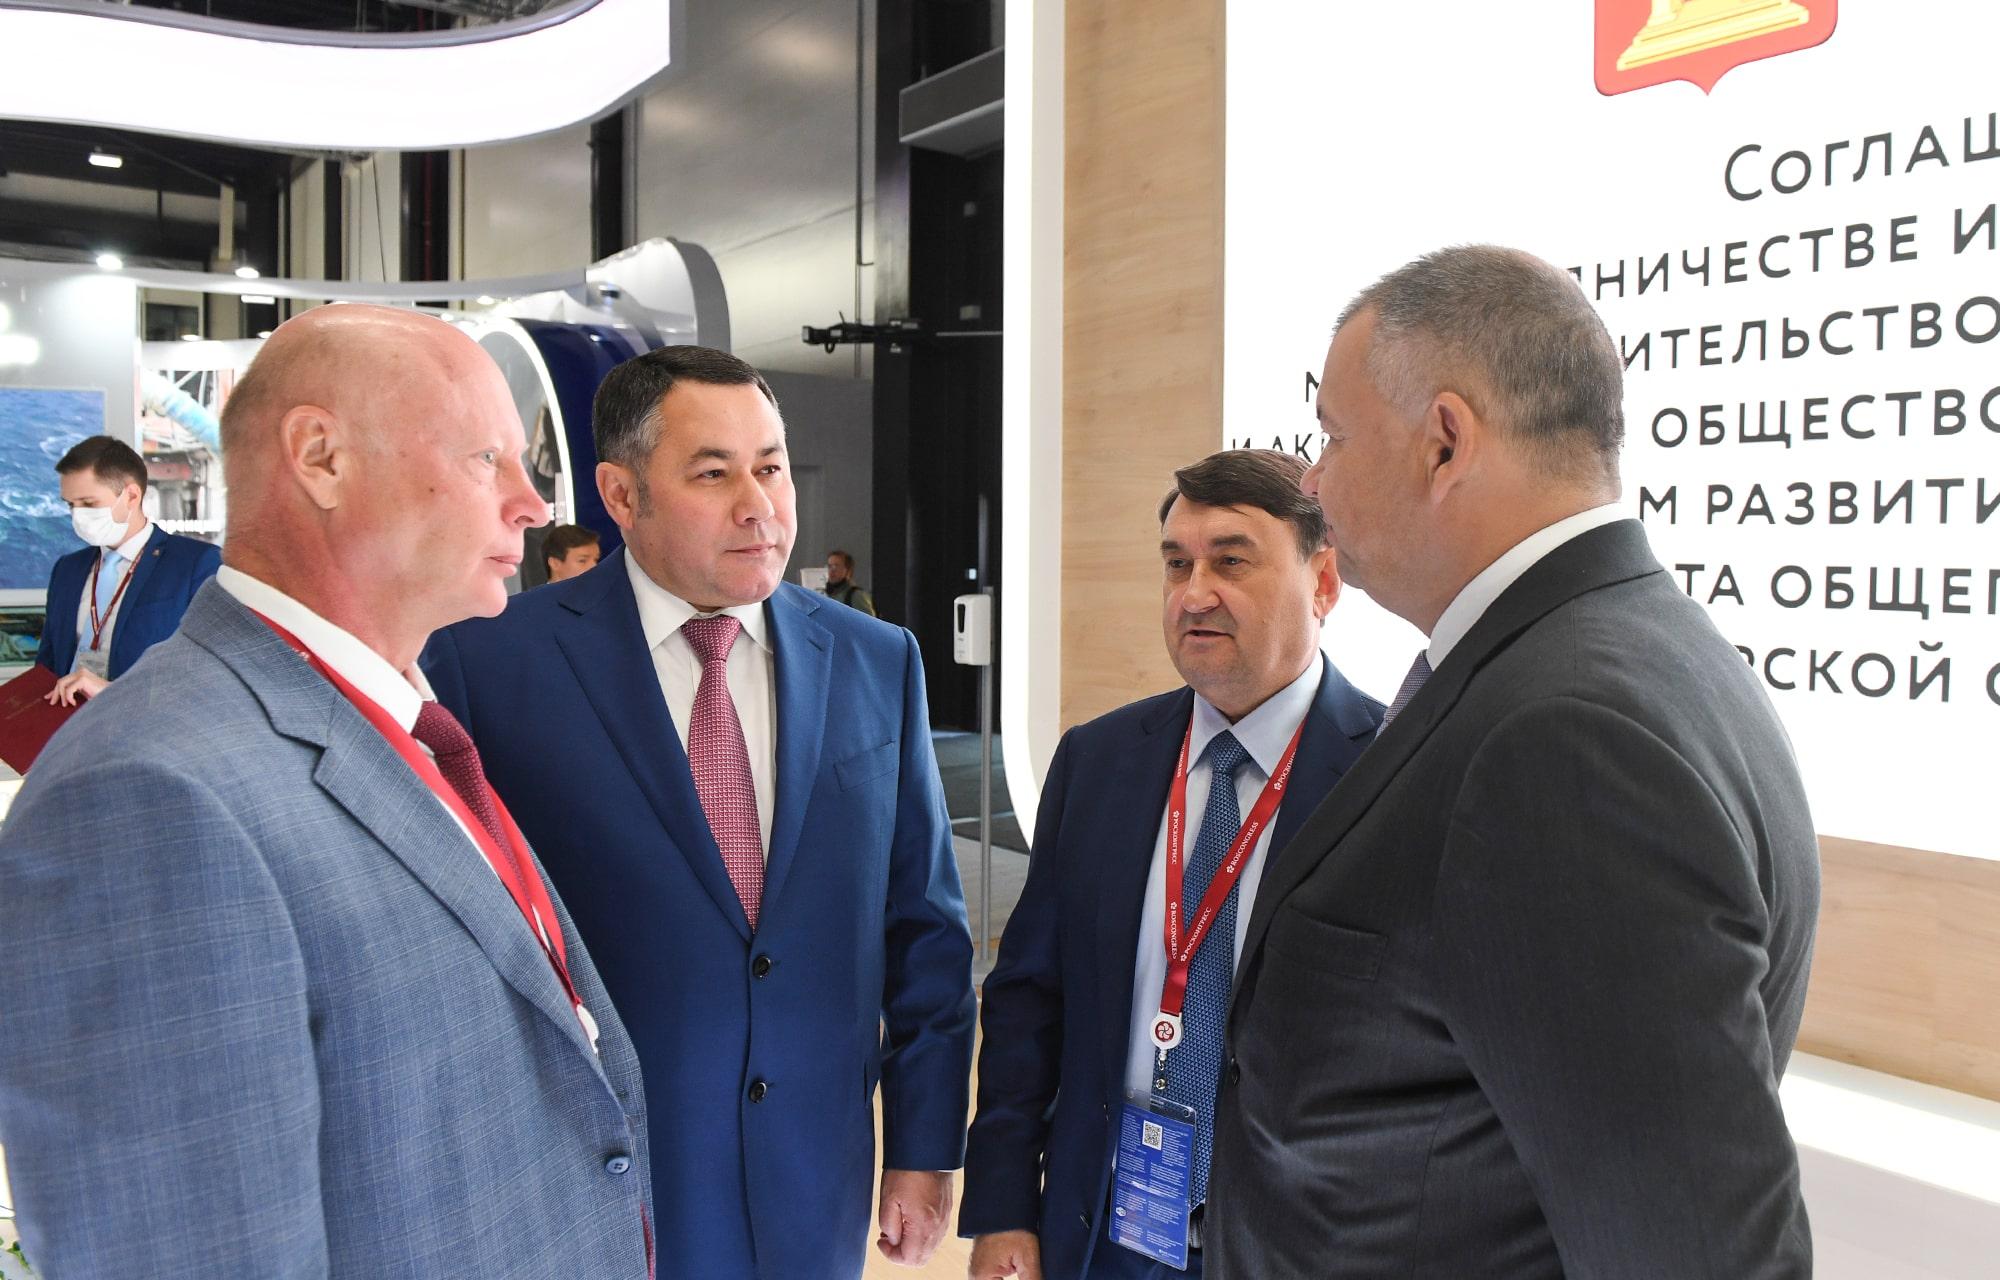 Правительство Тверской области и компания «Трансмашхолдинг» подписали соглашение о сотрудничестве по развитию общественного транспорта